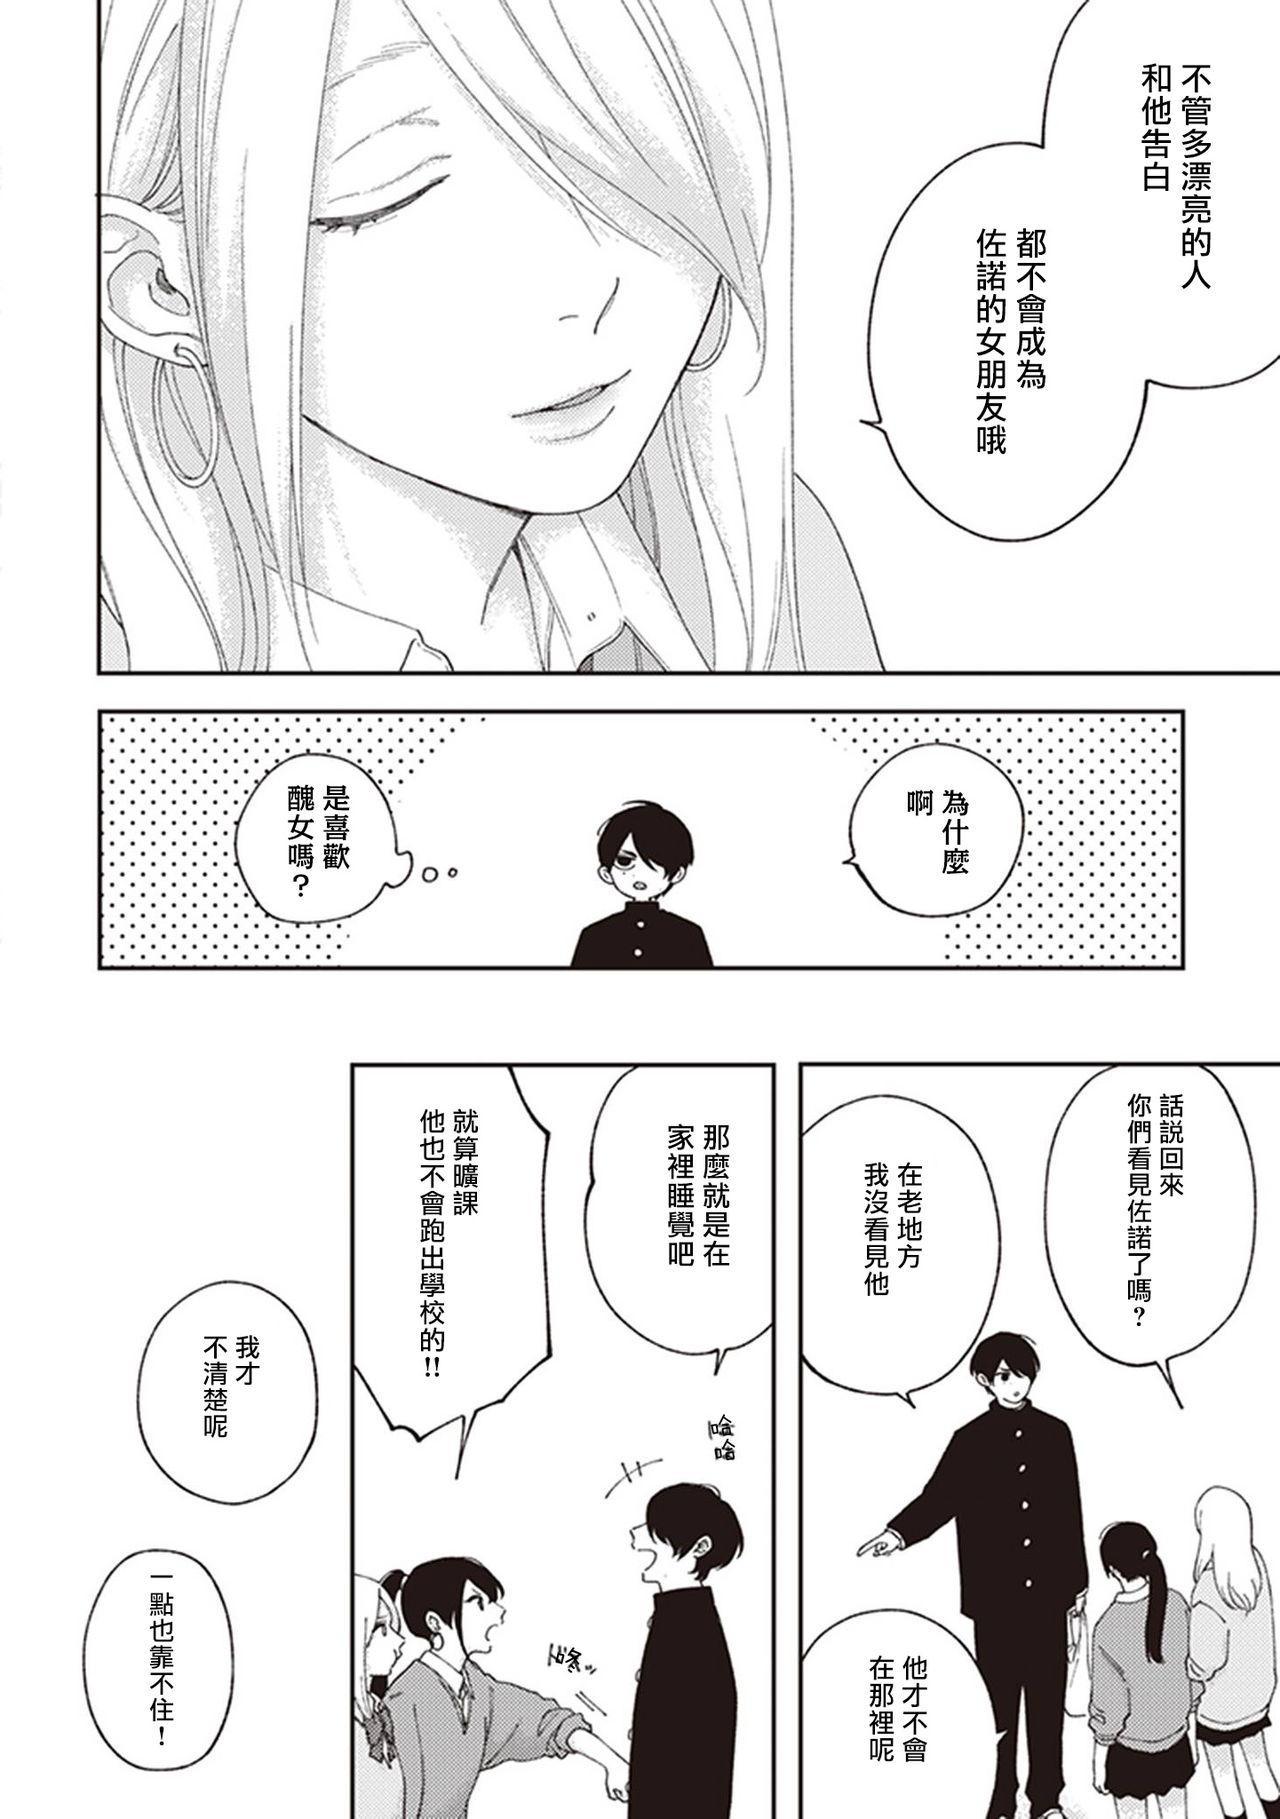 Fukutsu no Zono   不屈的佐诺 Ch. 1-3 37